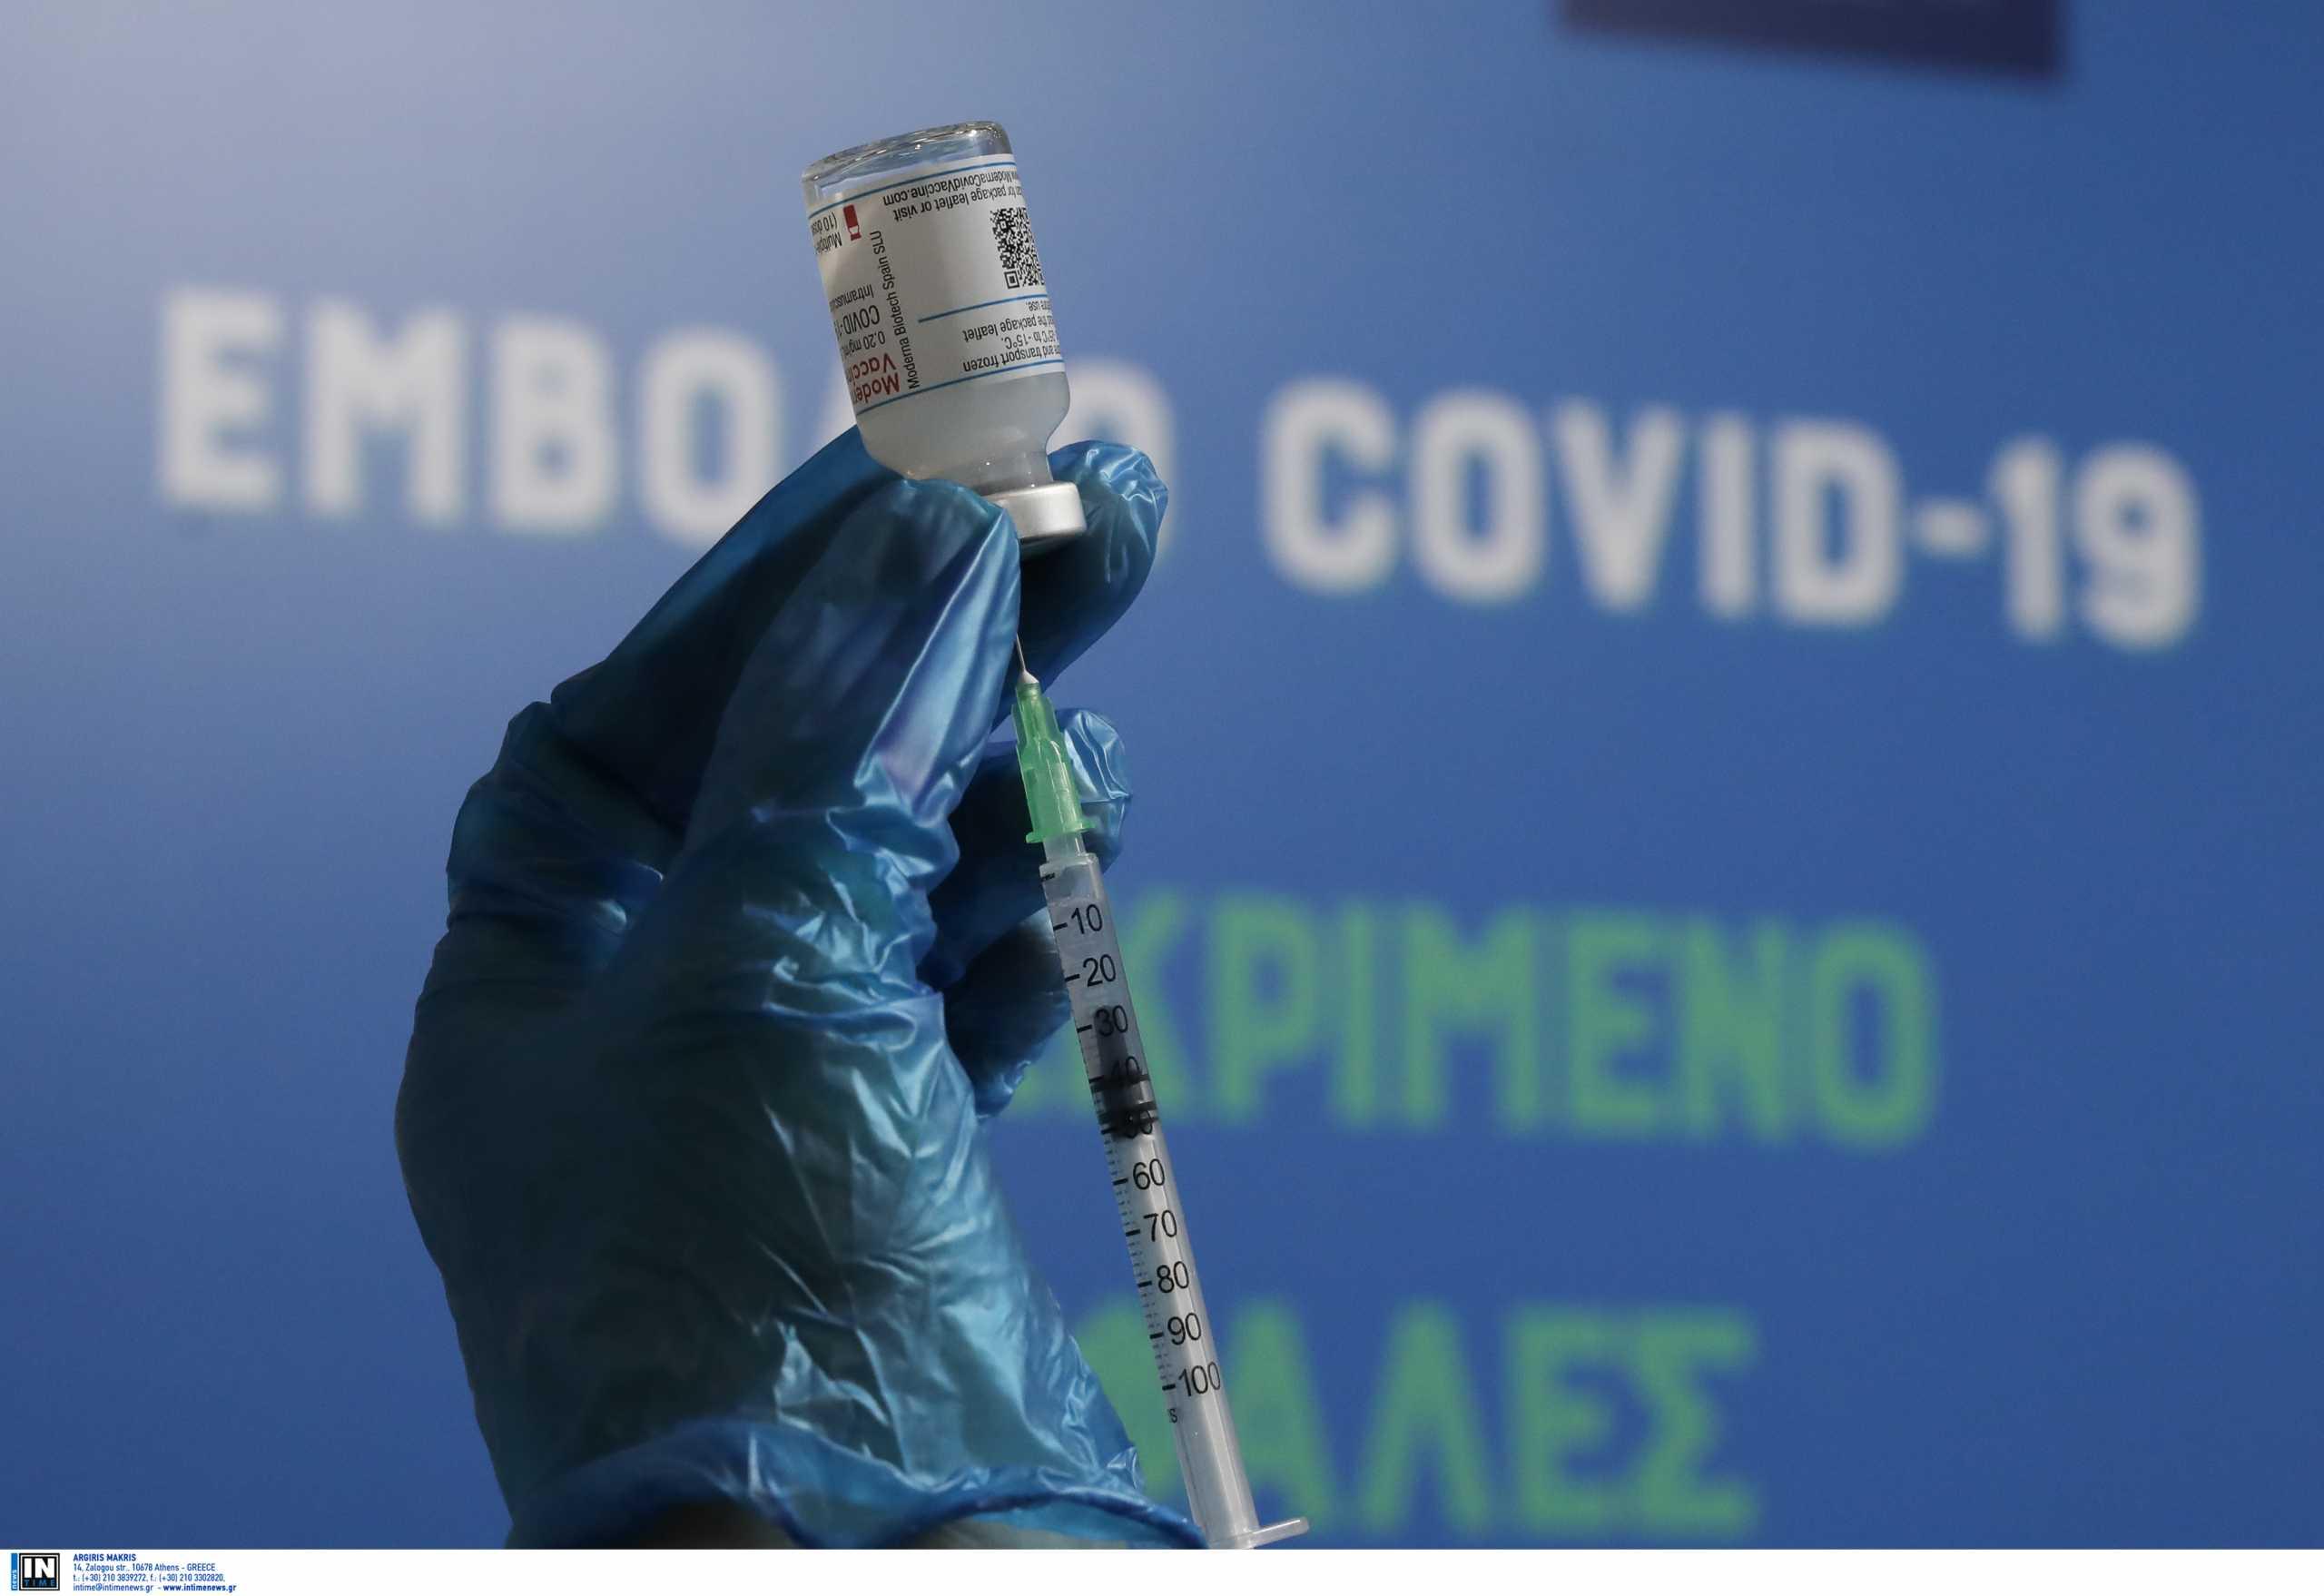 Κομισιόν: Παράταση για το μηχανισμό ελέγχου εξαγωγών εμβολίων εκτός ΕΕ